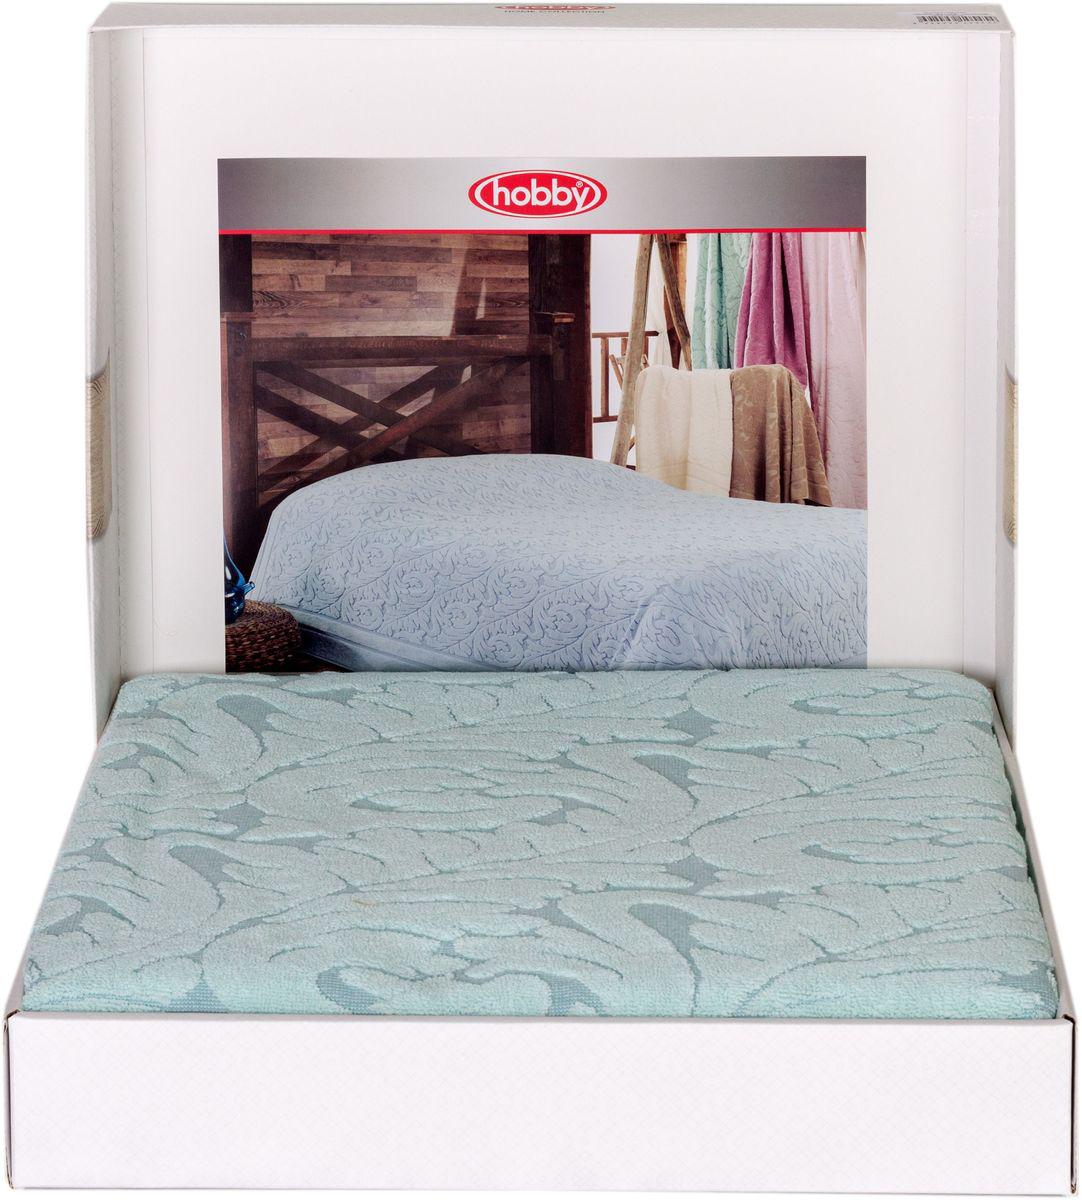 Покрывало Hobby Home Collection Sultan, цвет: ментоловый, 160 х 200 см1501001004Шикарное покрывало Hobby Home Collection Sultan изготовлено из 100% хлопка высшей категории. Оно обладает замечательными дышащими свойствами и будет хорошо смотреться как на диване, так и на большой кровати. Данное покрывало можно также использовать в качестве одеяла.